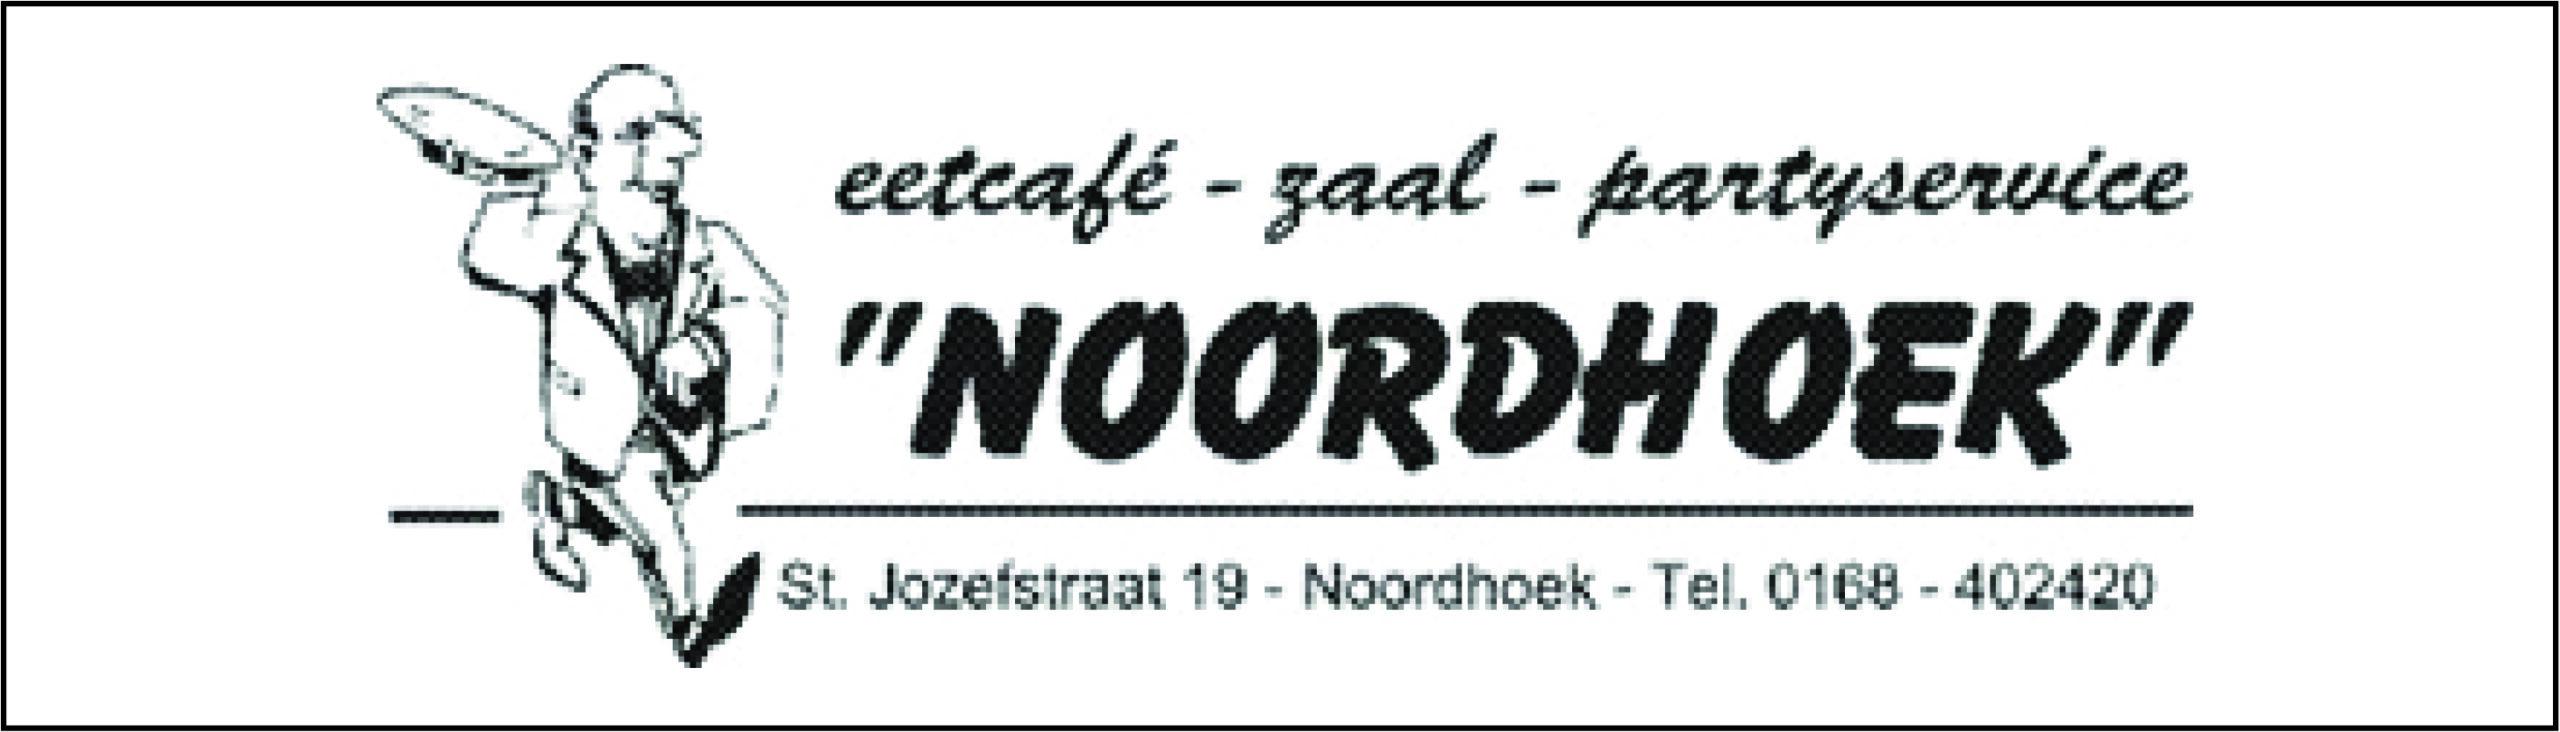 Eetcafe-Zaal-Partyservice Noordhoek review PION horeca en Promotie bergen op zoom